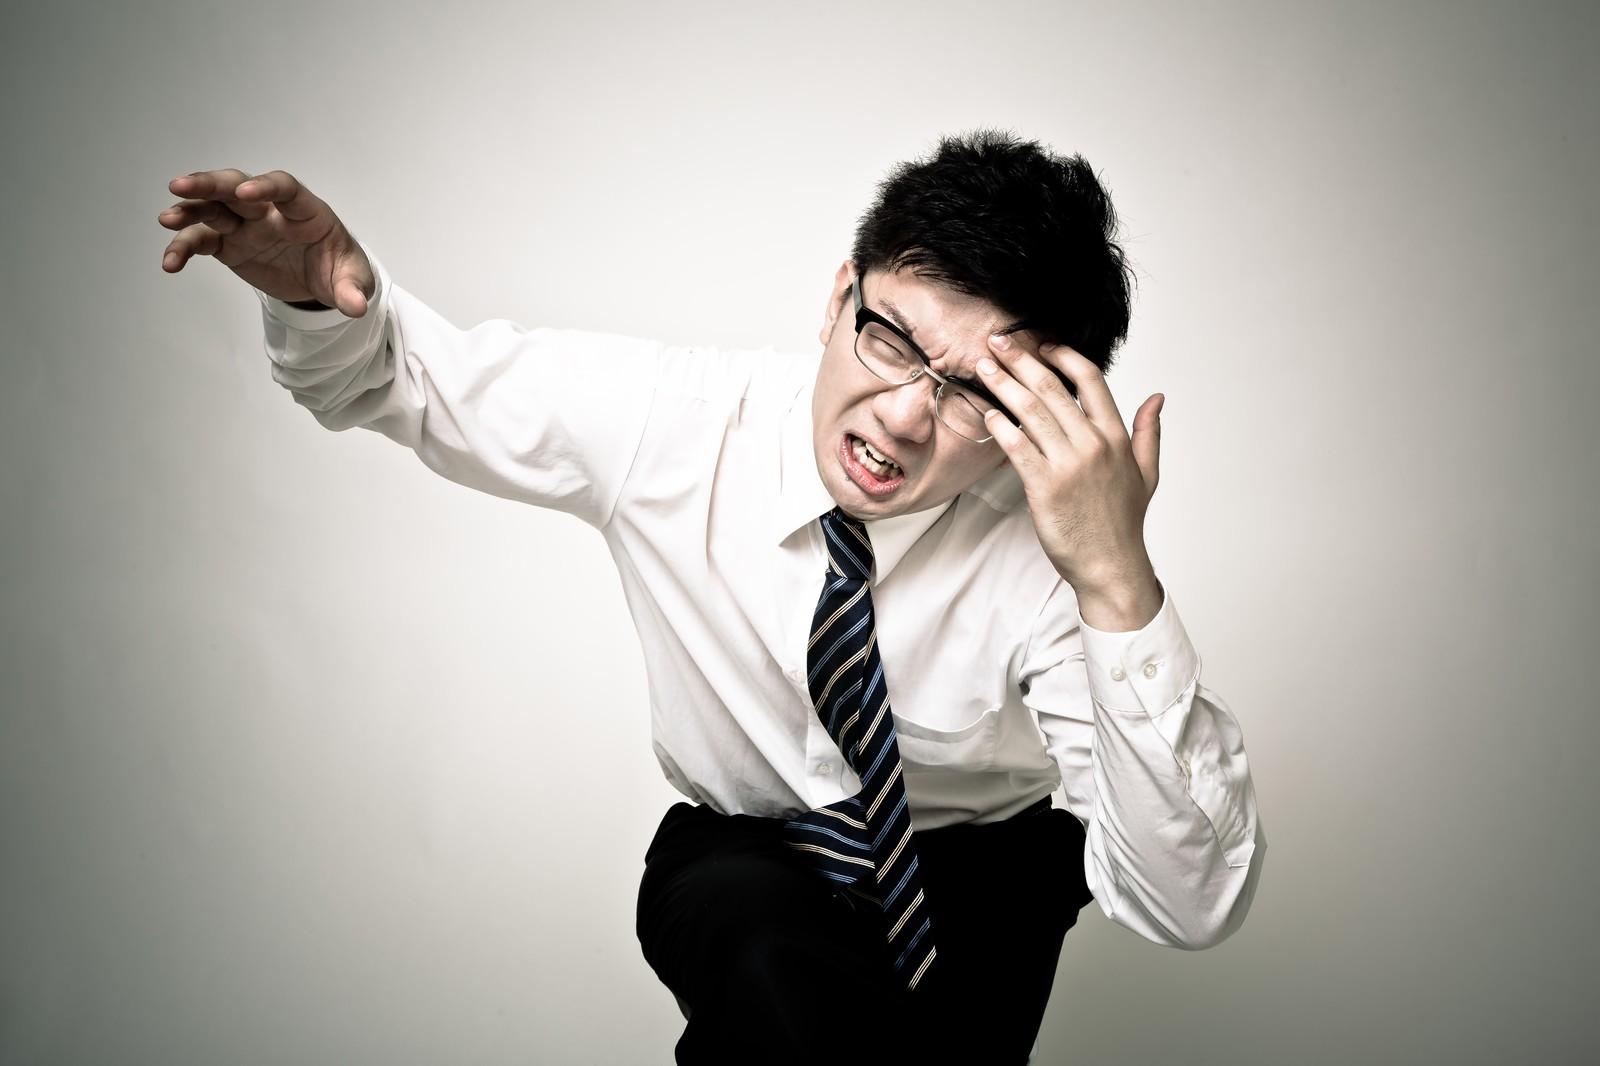 ファスティング 断食 頭痛 対処法 治し方